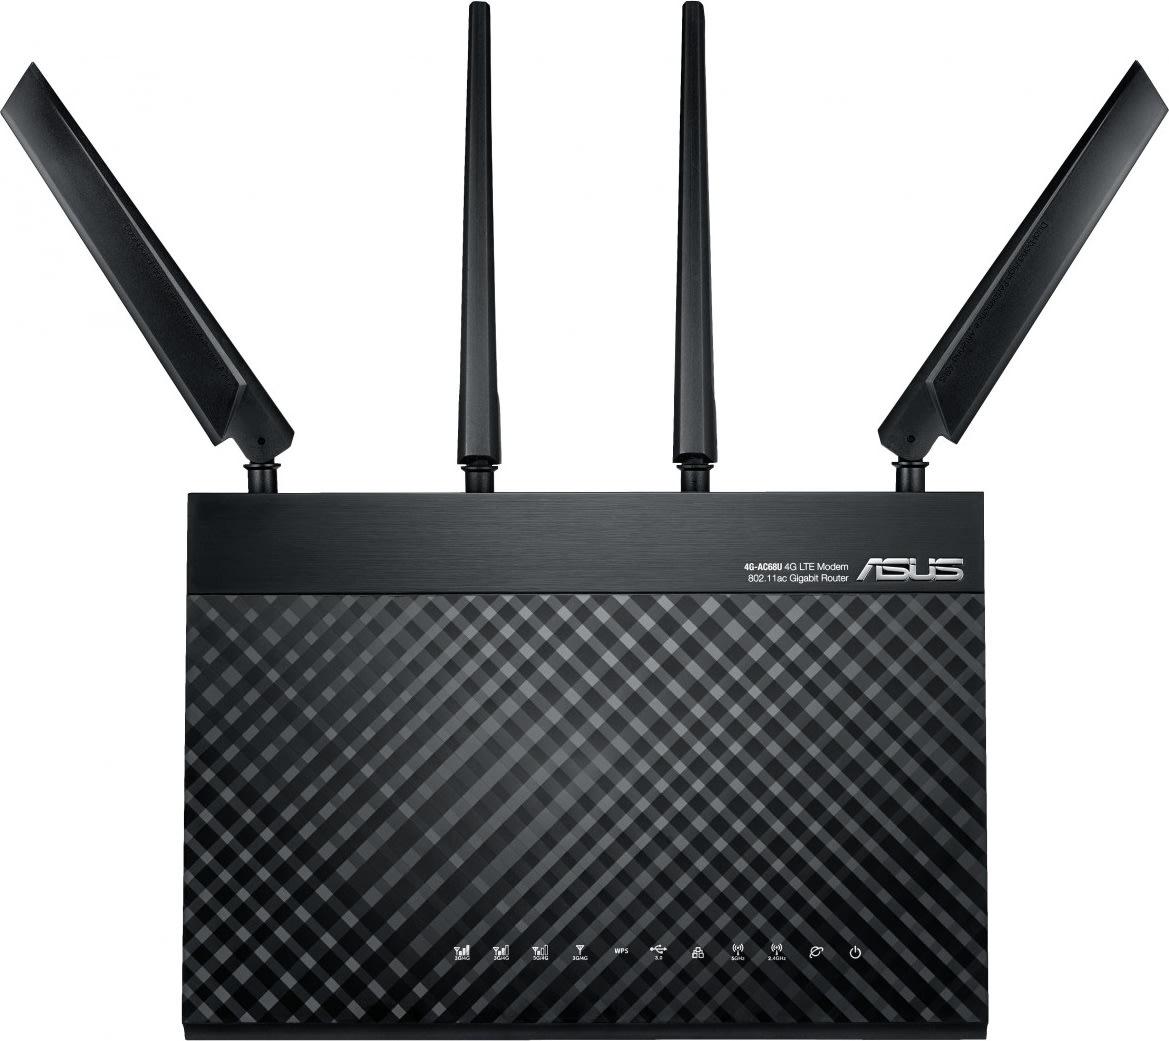 ASUS 4G-AC68U AC1900 Dual-Band LTE Wi-Fi Modem Rou